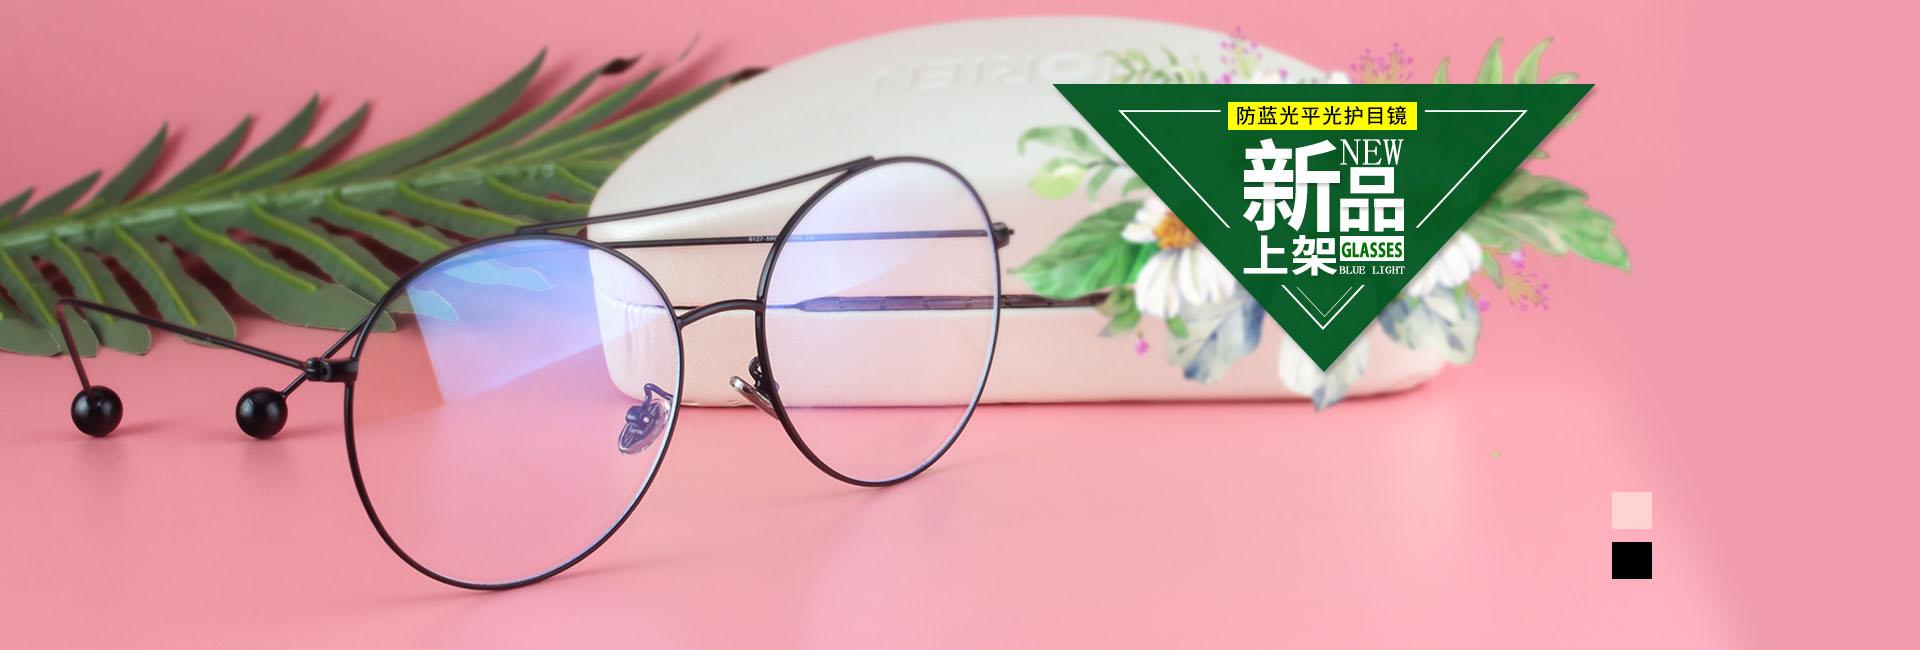 南宁虞视电子商务超碰公开视频